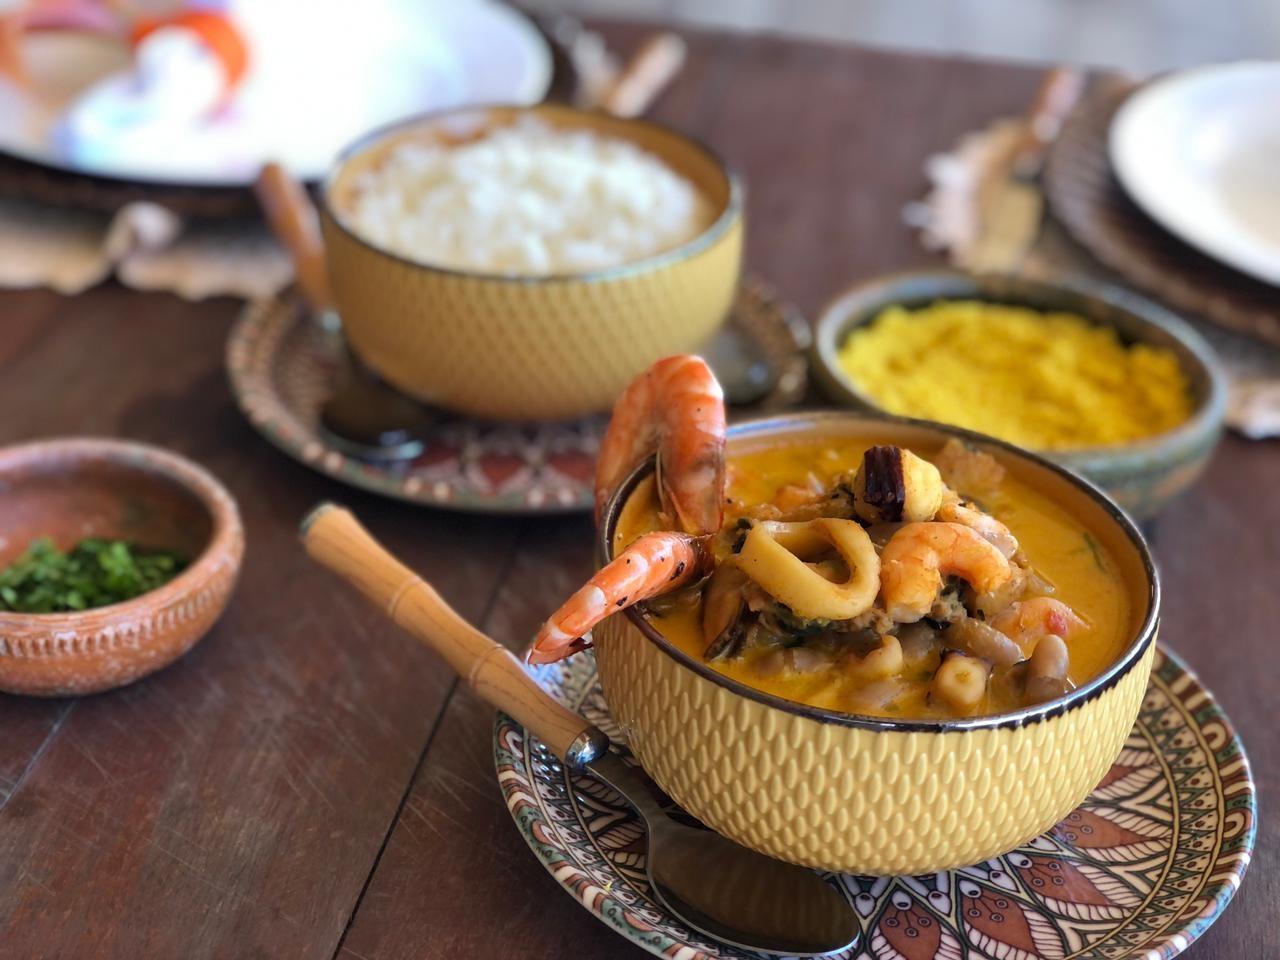 Sabores do Nordeste: conheça a receita da feijoada de frutos do mar